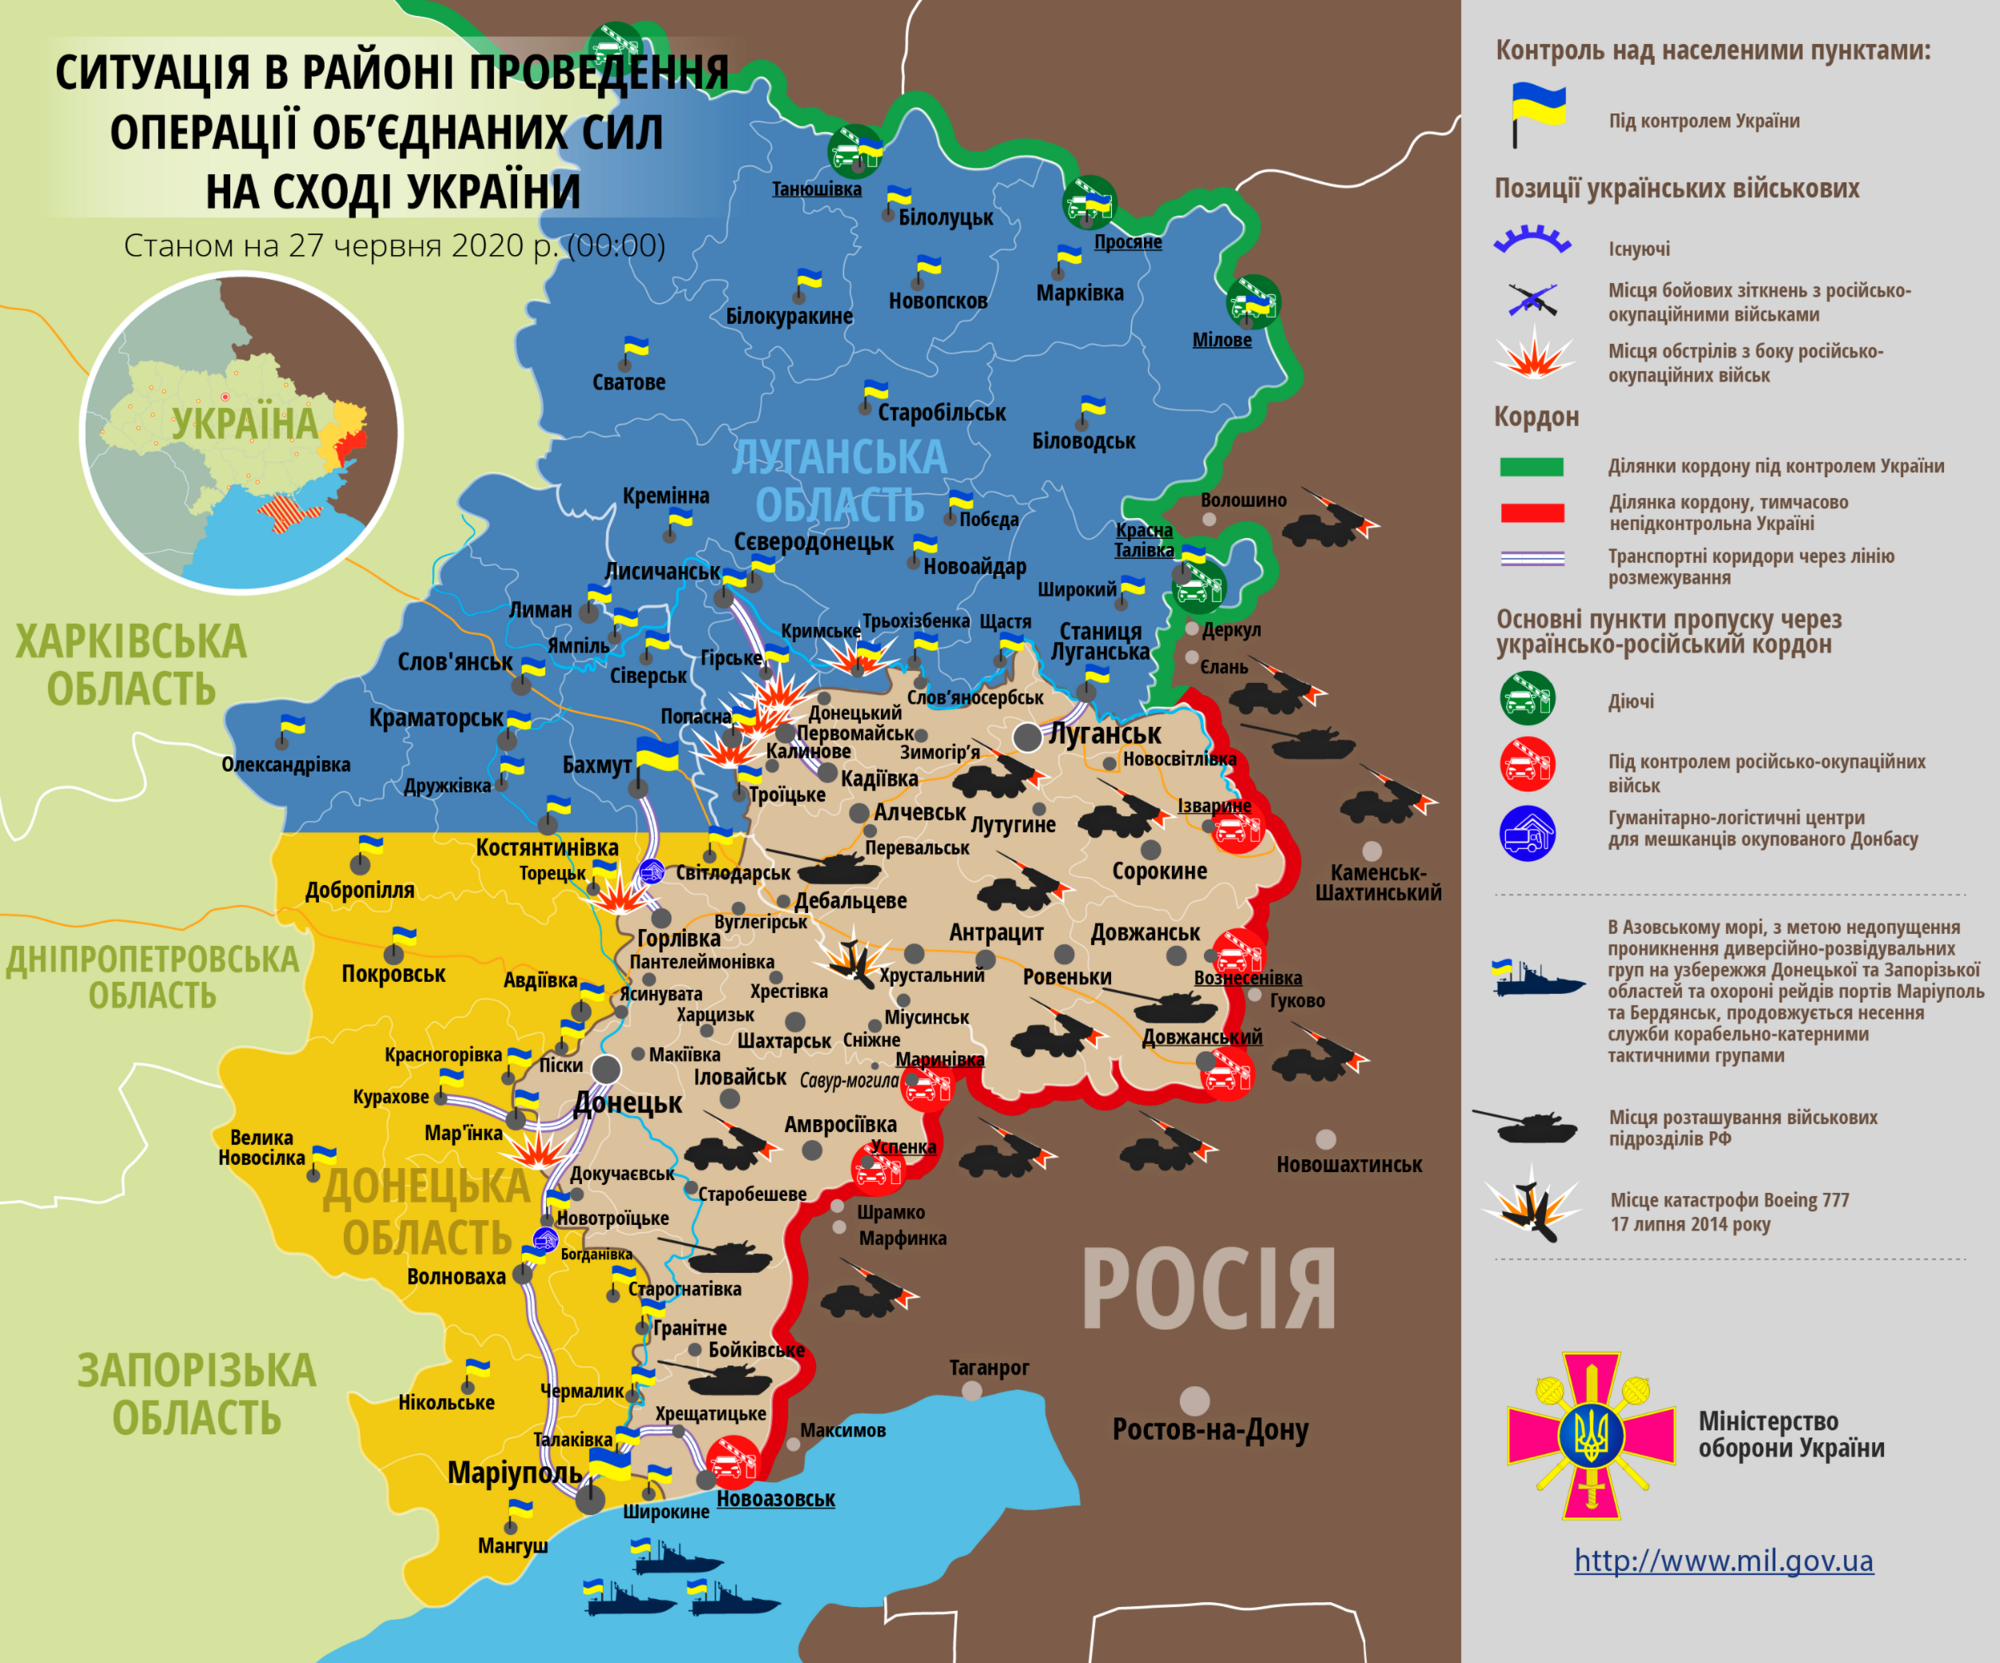 Карта ООС за 27 июня. Источник - Министерство обороны Украины